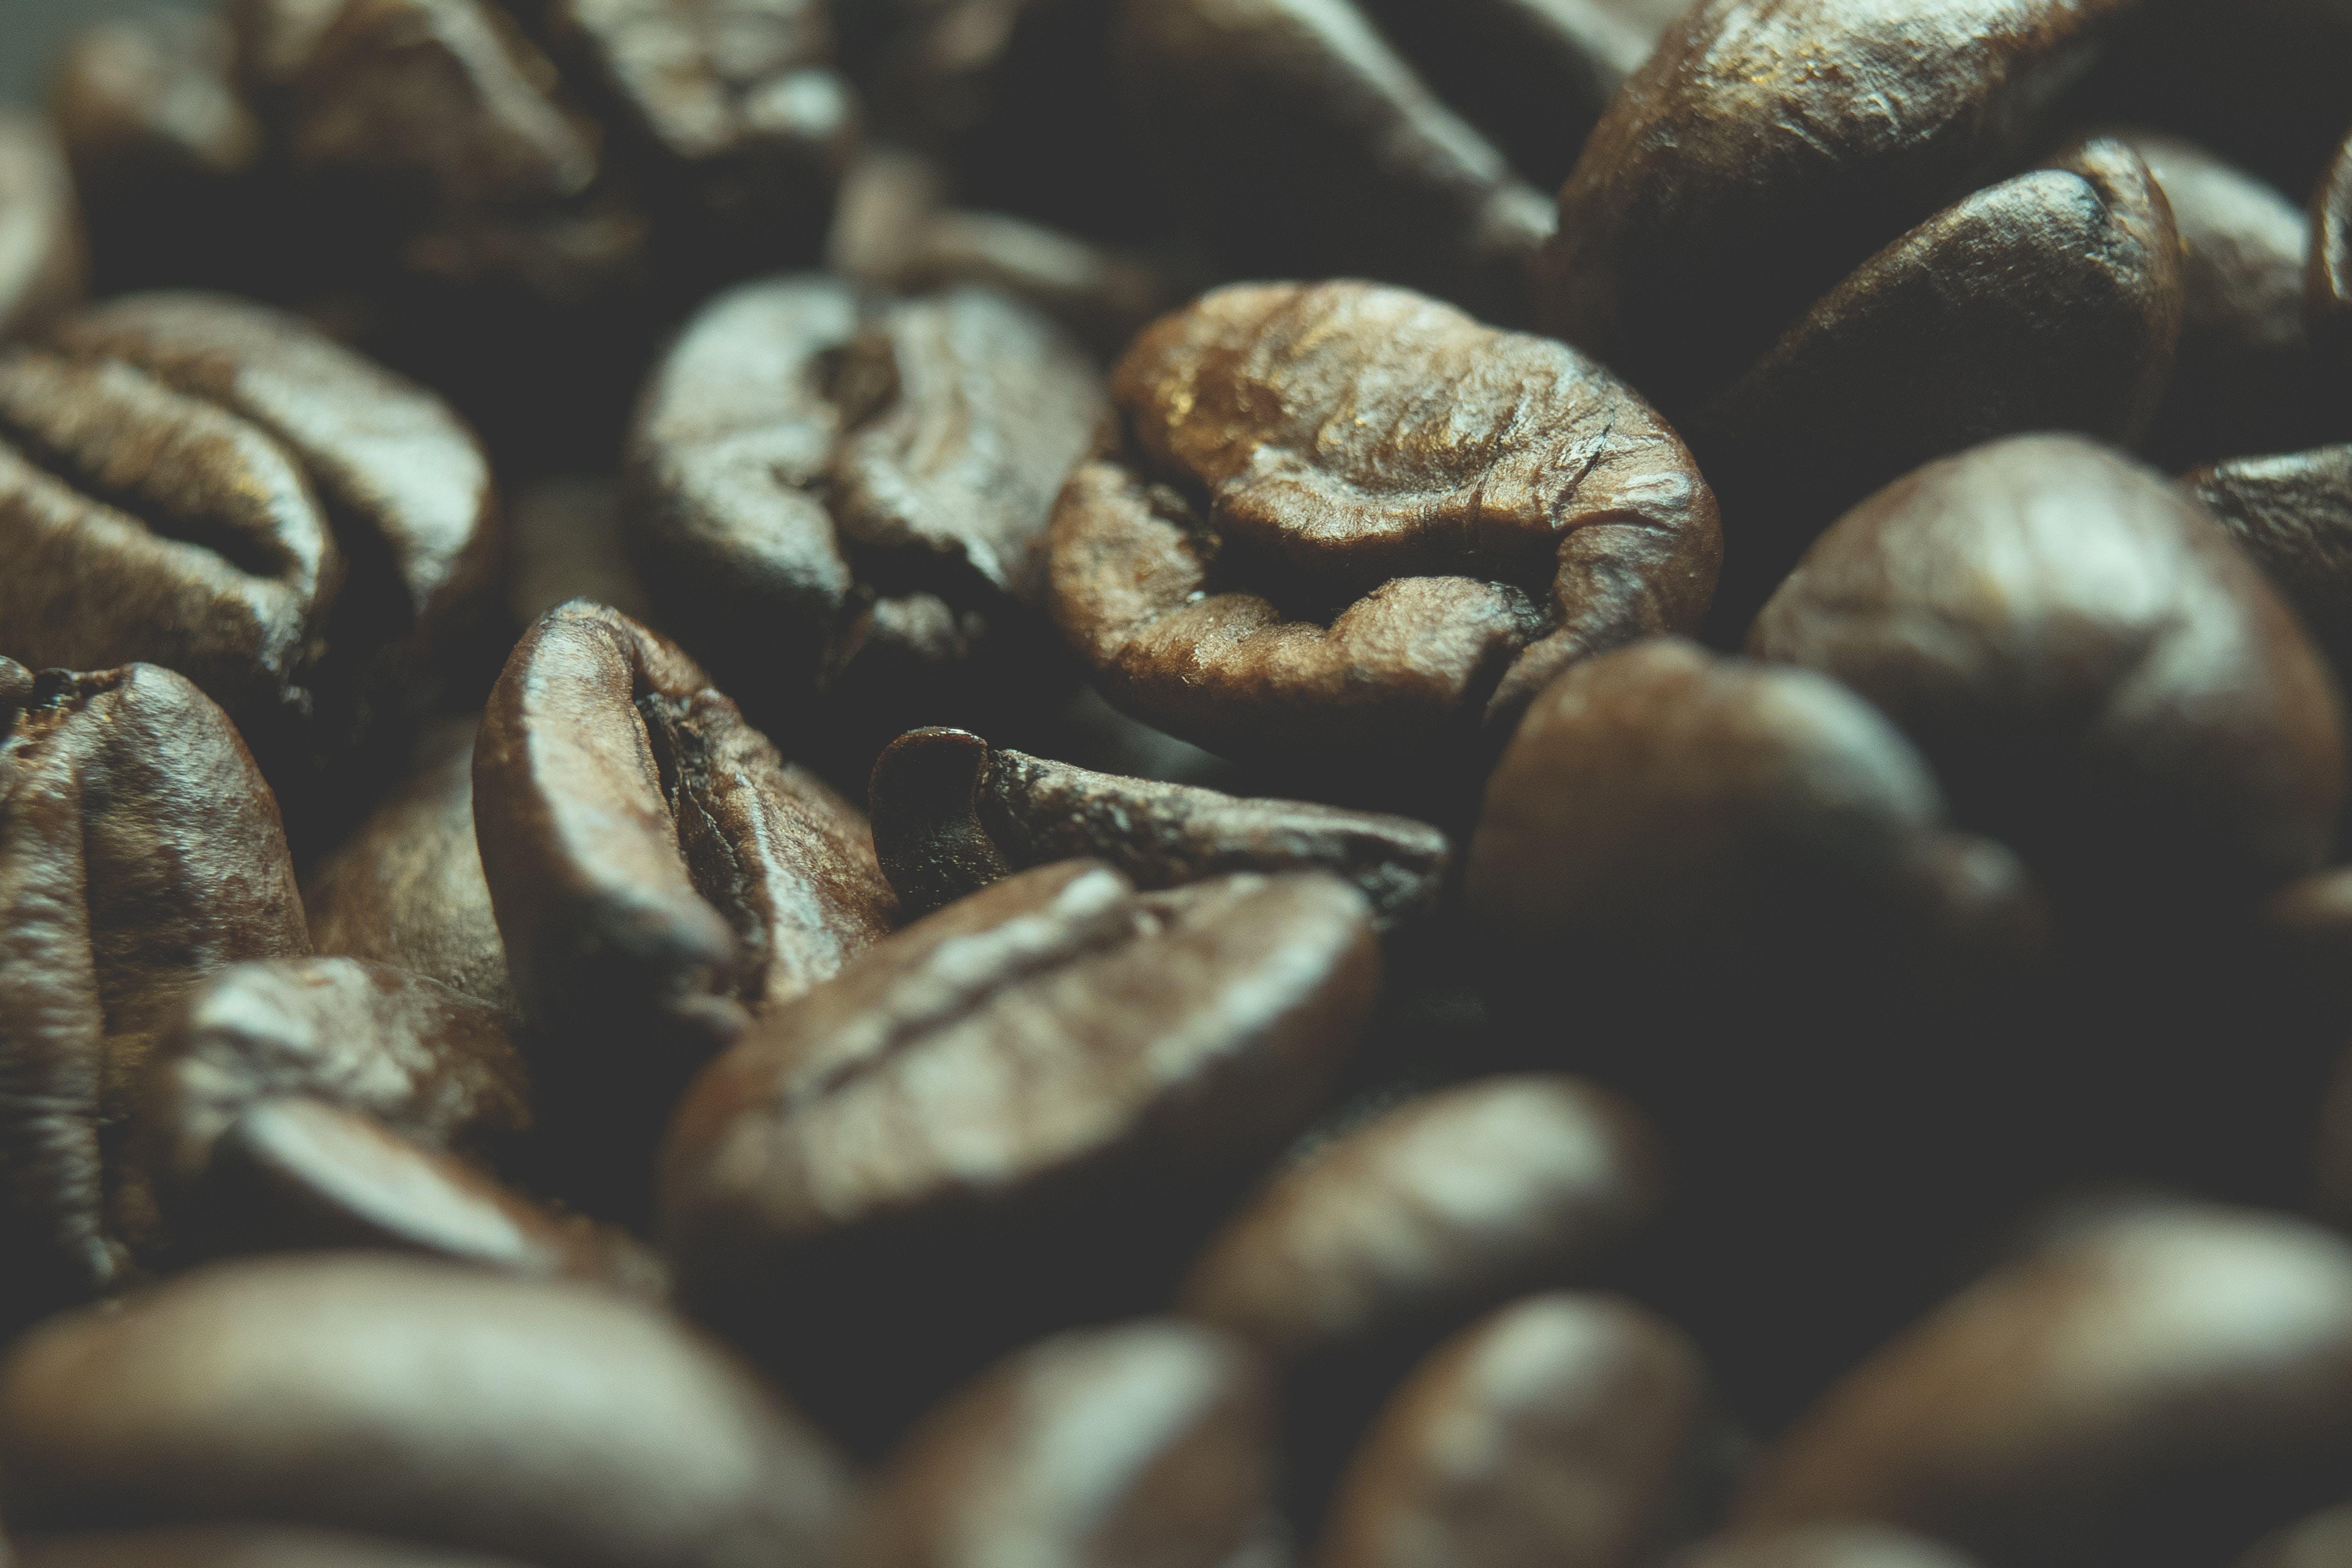 Gratis stockfoto met aromatisch, bonen, bruin, cafeïne